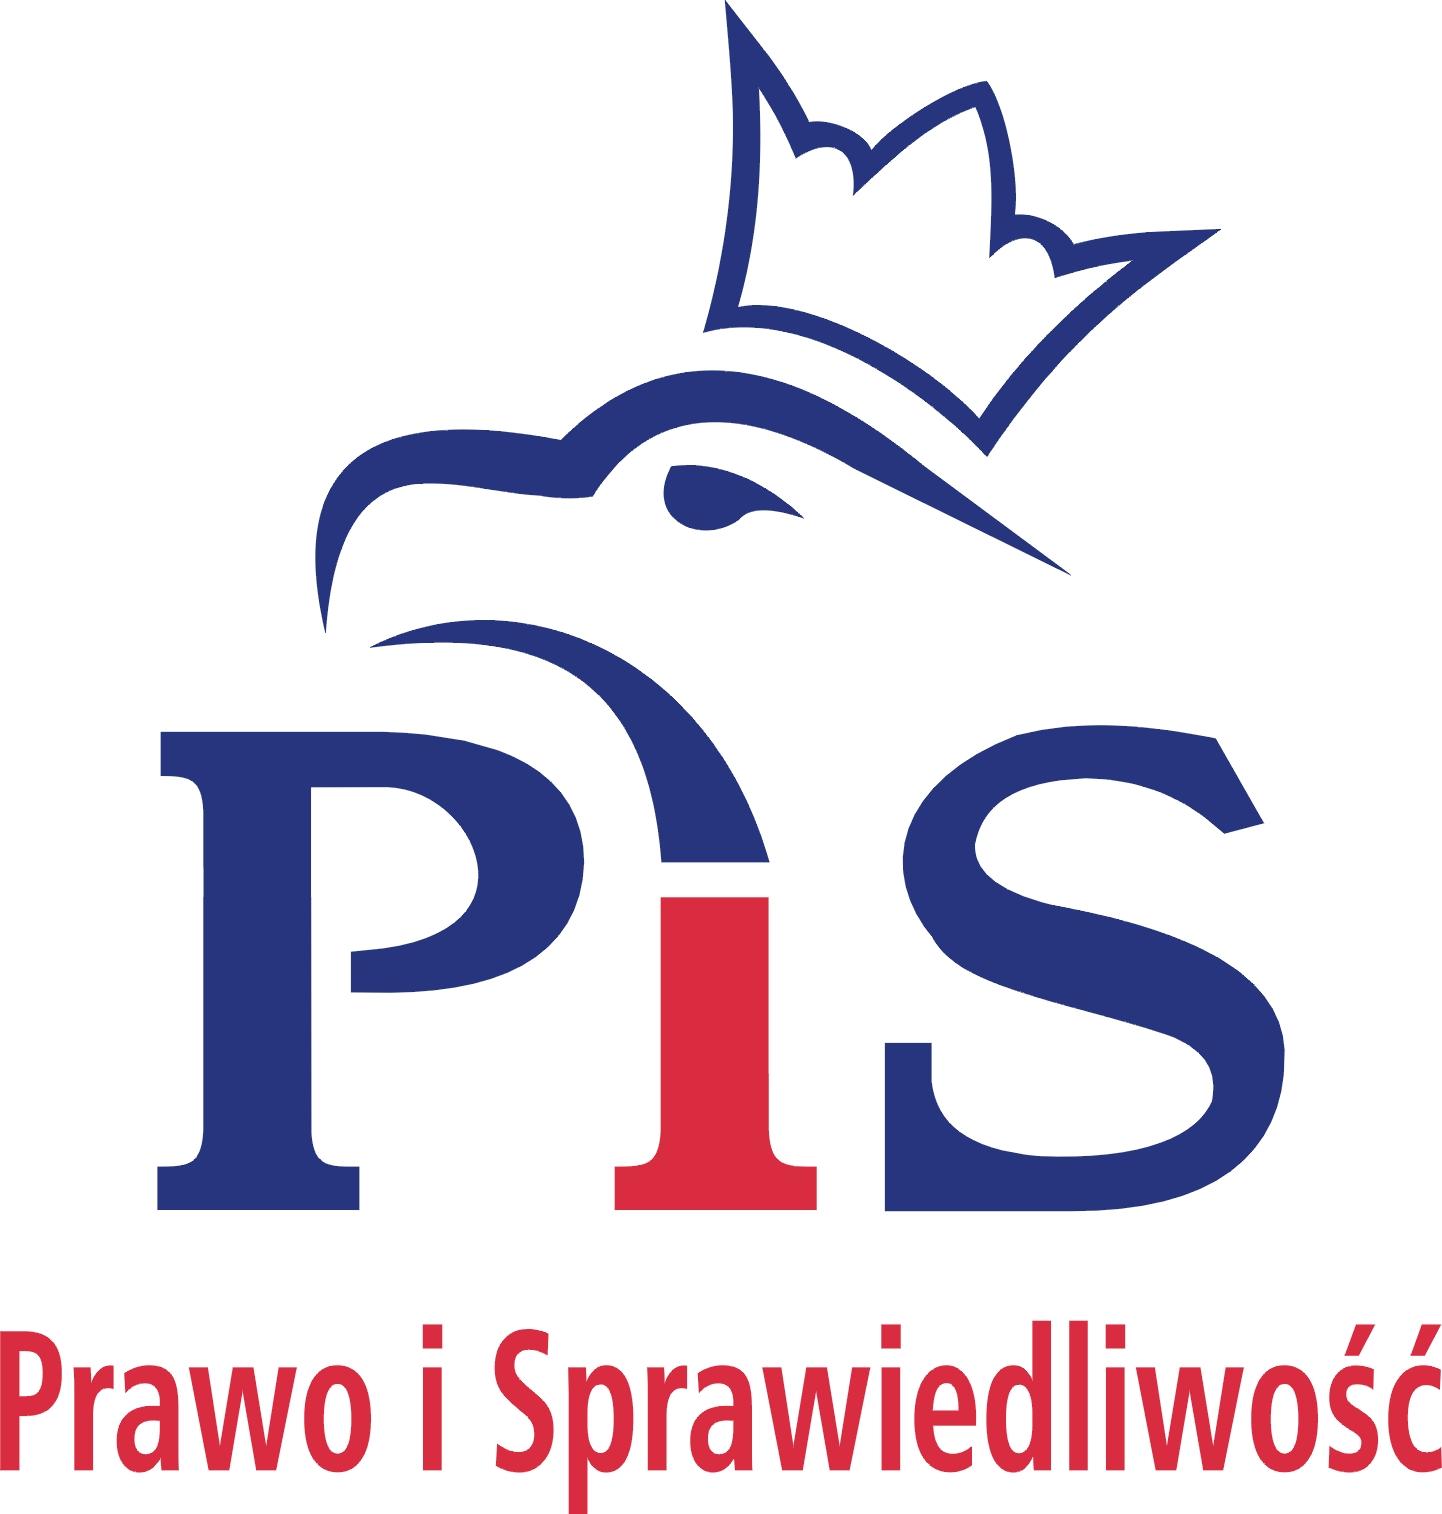 logo_pe_ne_na_bia_e_t_o.jpg